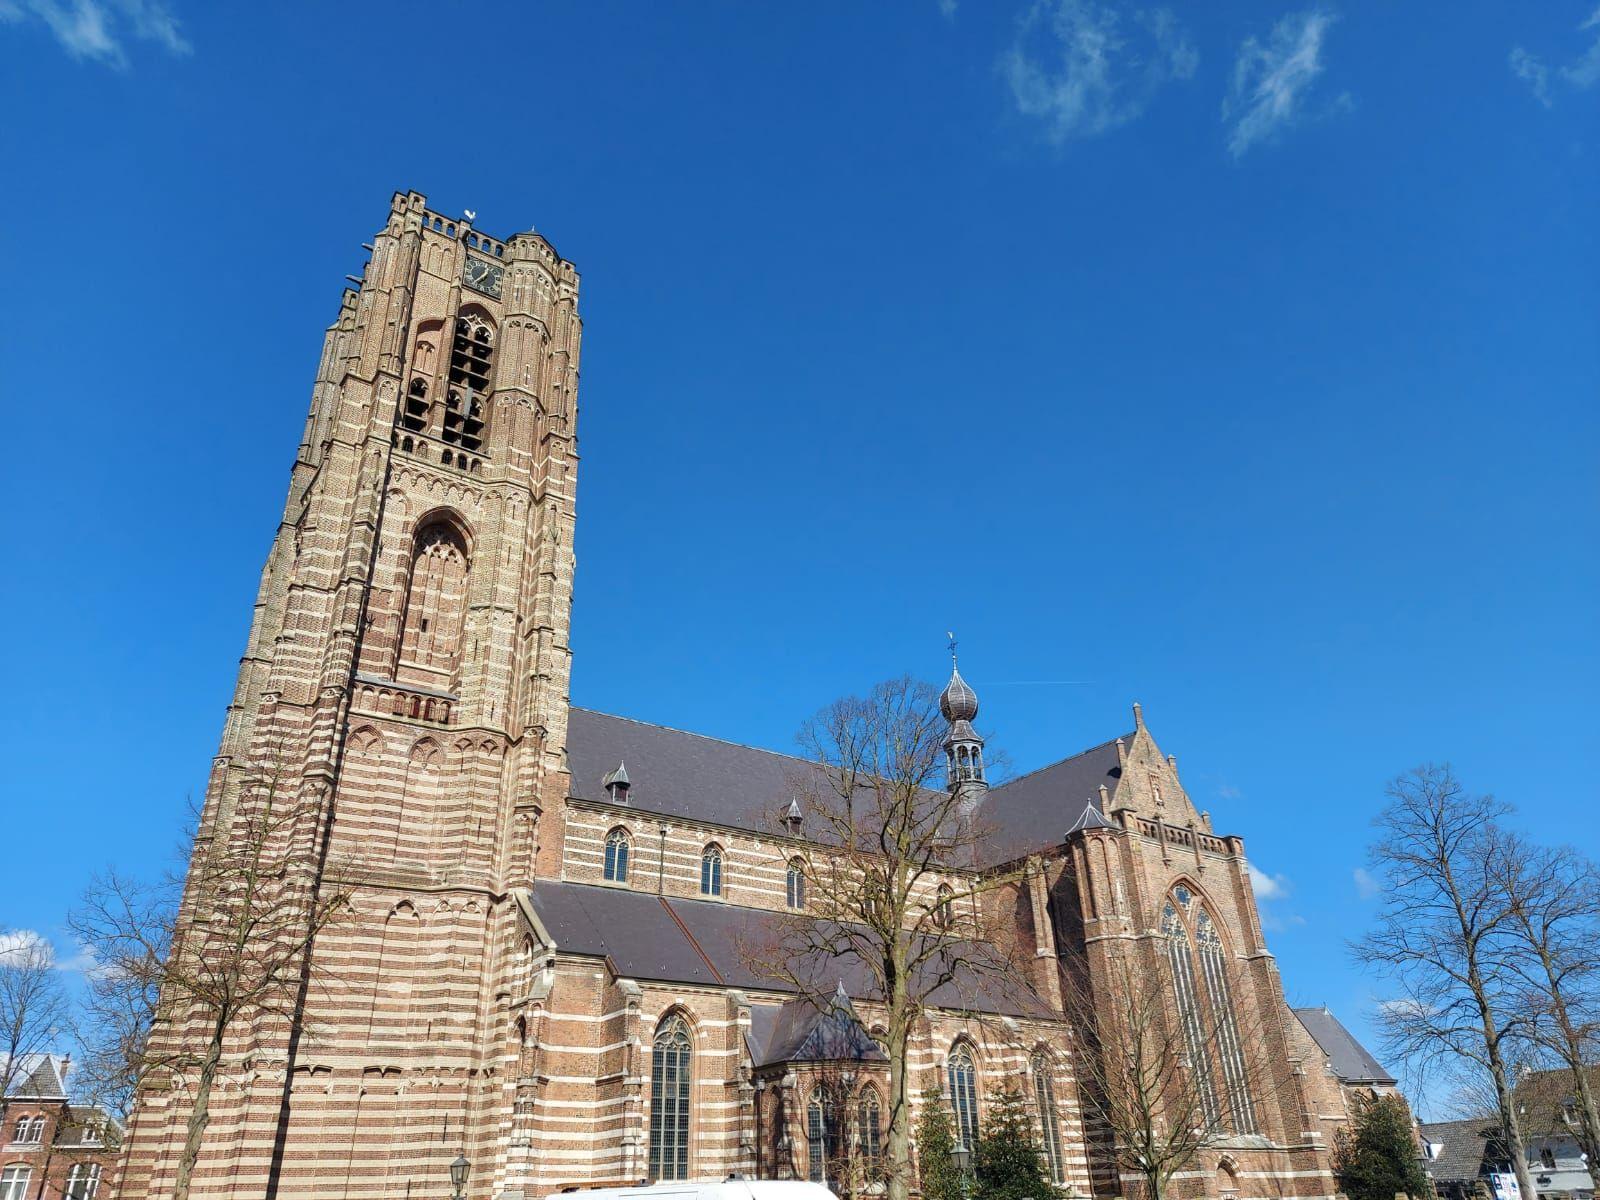 St. Petrusbasiliek Oirschot